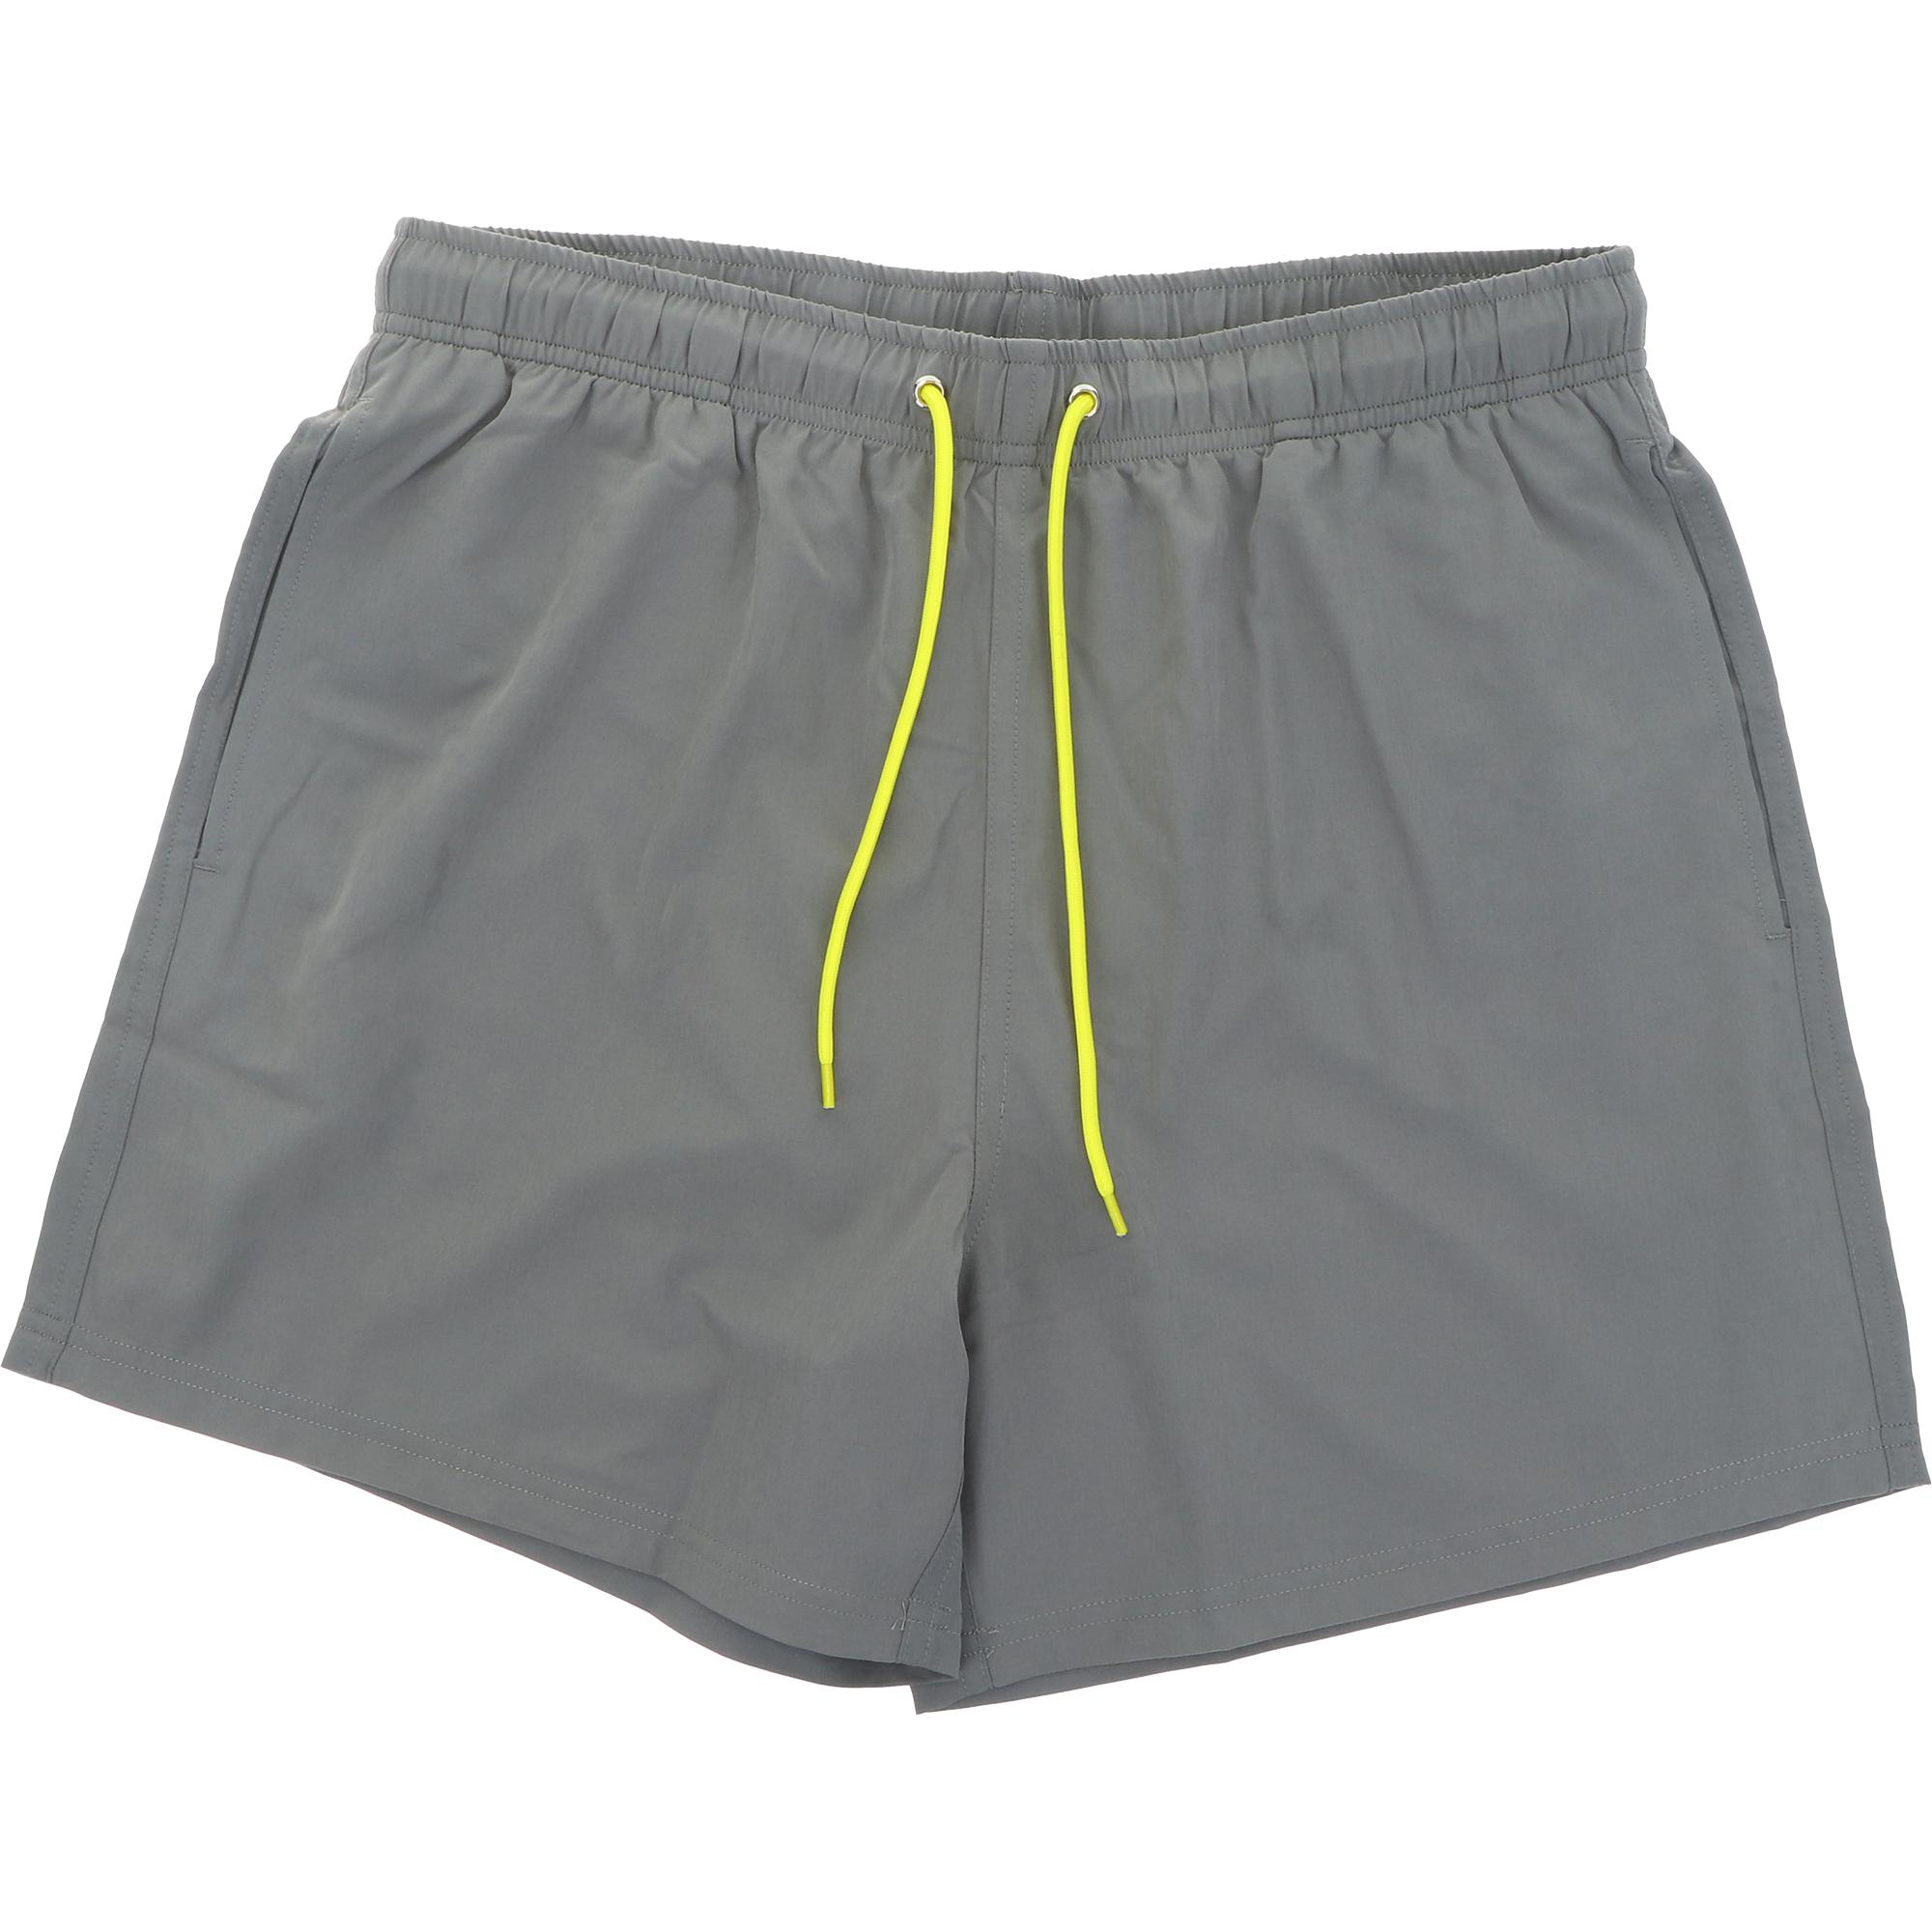 Шорты пляжные Joyord мужские серые XL